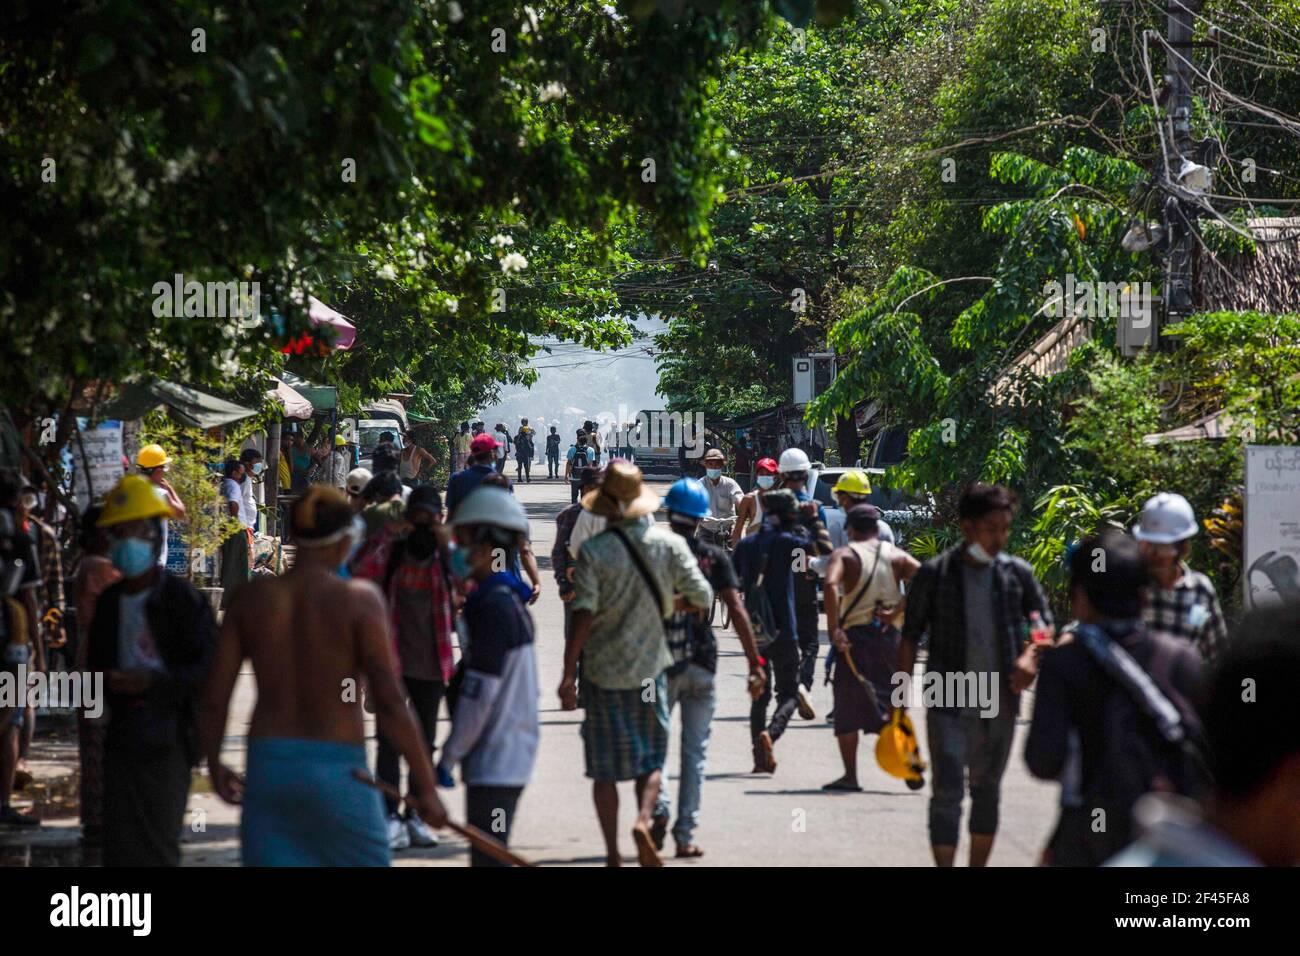 Les manifestants anti-coup d'Etat militaire se promeuvent vers les barricades improvisées au bout de la rue lors d'une manifestation contre le coup d'Etat militaire.la police et les militaires du Myanmar (tatmadow) ont attaqué les manifestants avec des balles en caoutchouc, des munitions réelles, des gaz lacrymogènes et des bombes lacrymogènes en réponse aux manifestants anti coup d'Etat militaire de vendredi, tuant plusieurs manifestants et en blessant beaucoup d'autres. Au moins 149 personnes ont été tuées au Myanmar depuis le coup d'État du 1er février, a déclaré un responsable des droits de l'homme de l'ONU. L'armée du Myanmar a détenu le conseiller d'État du Myanmar Aung San Suu Kyi le 01 février 2021 et a déclaré une Banque D'Images